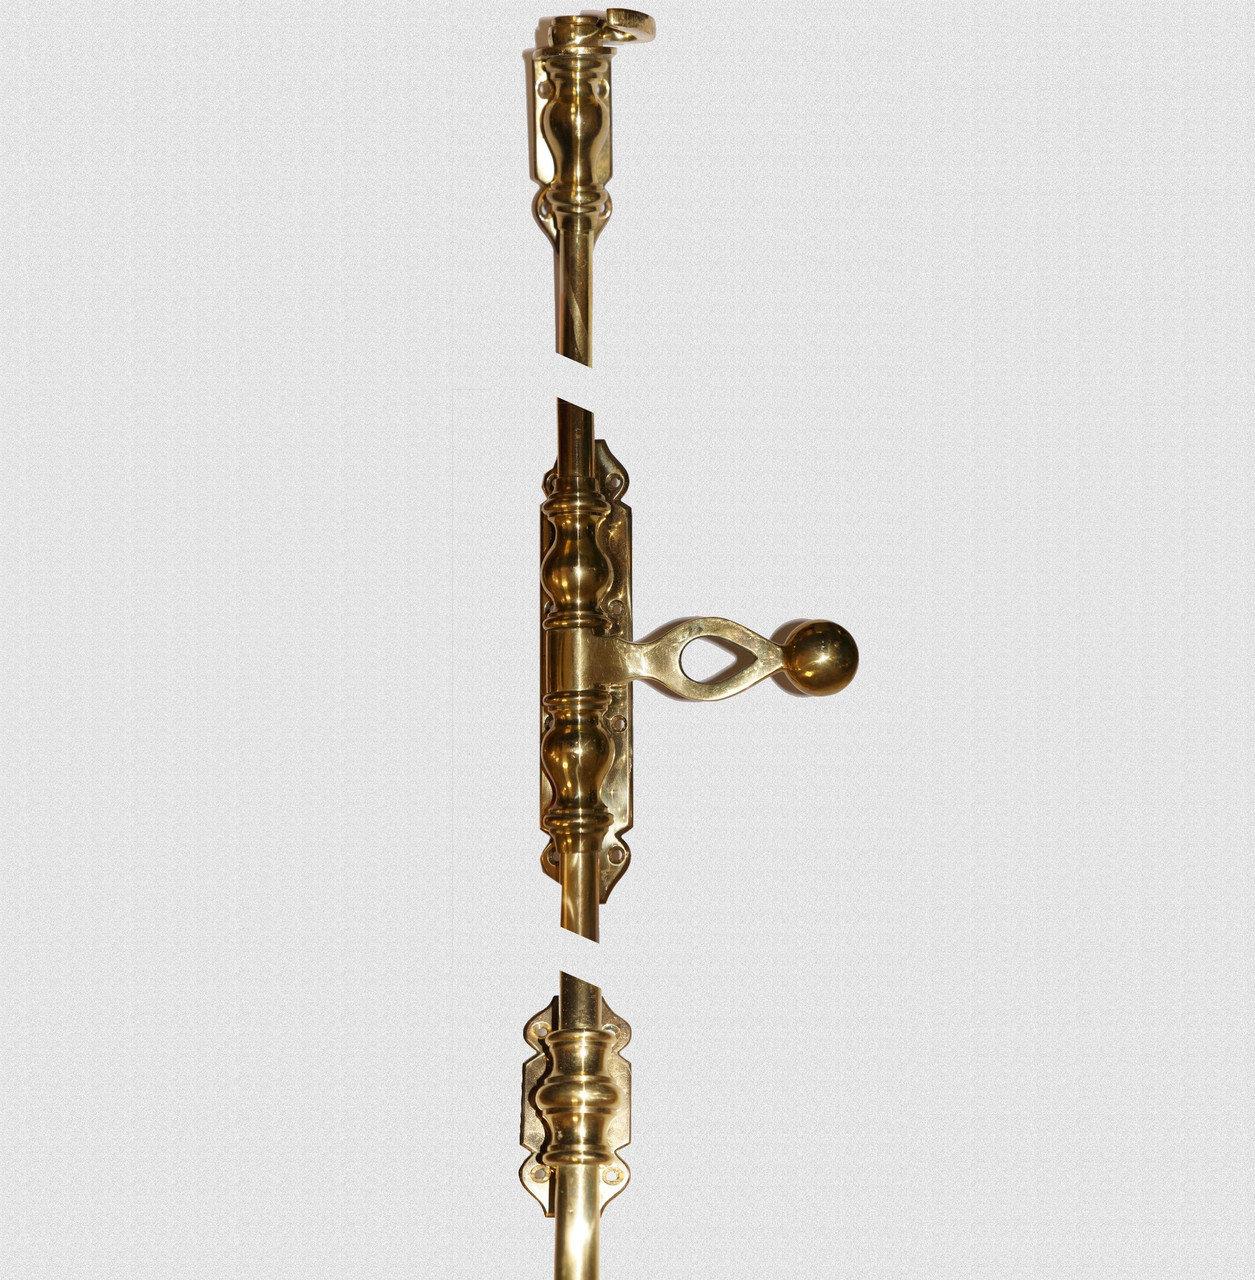 Кремона Классическая (шпингалет прижимной), арт: 05-011-1